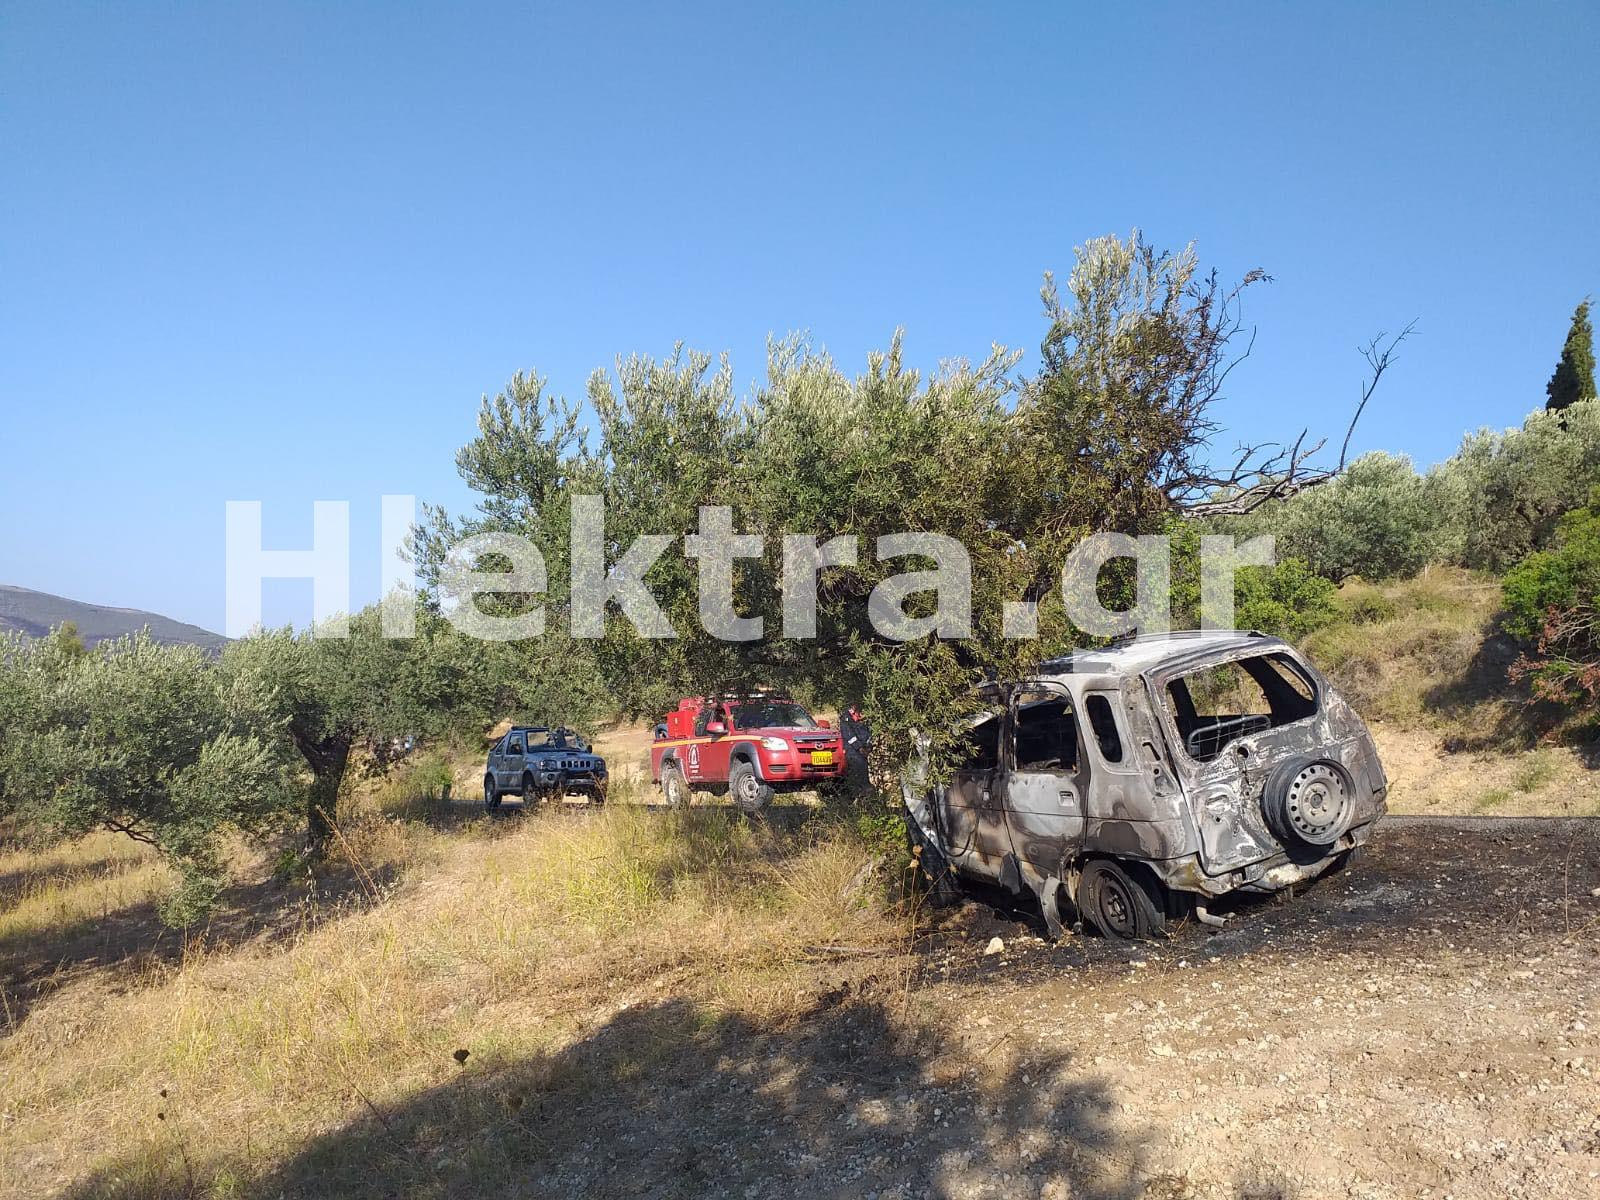 Κορινθία: Ο ιερέας της Αλμυρής ο νεκρός που βρέθηκε σε καμένο όχημα - ΚΟΡΙΝΘΙΑ